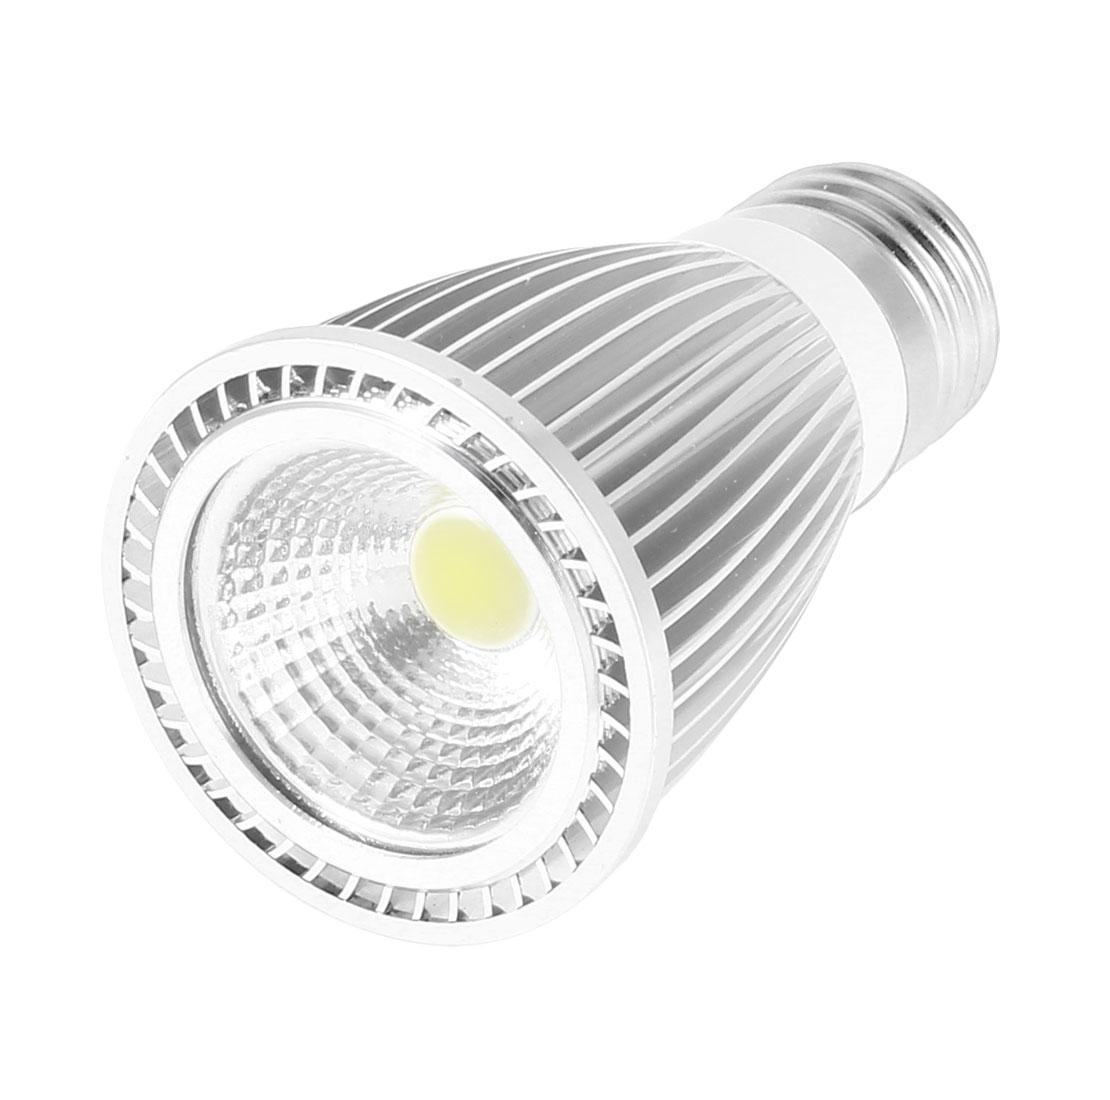 AC 85-265V E27 Base 7Watt White LED Light Energy Saving Ceiling COB Spotlight Bulb